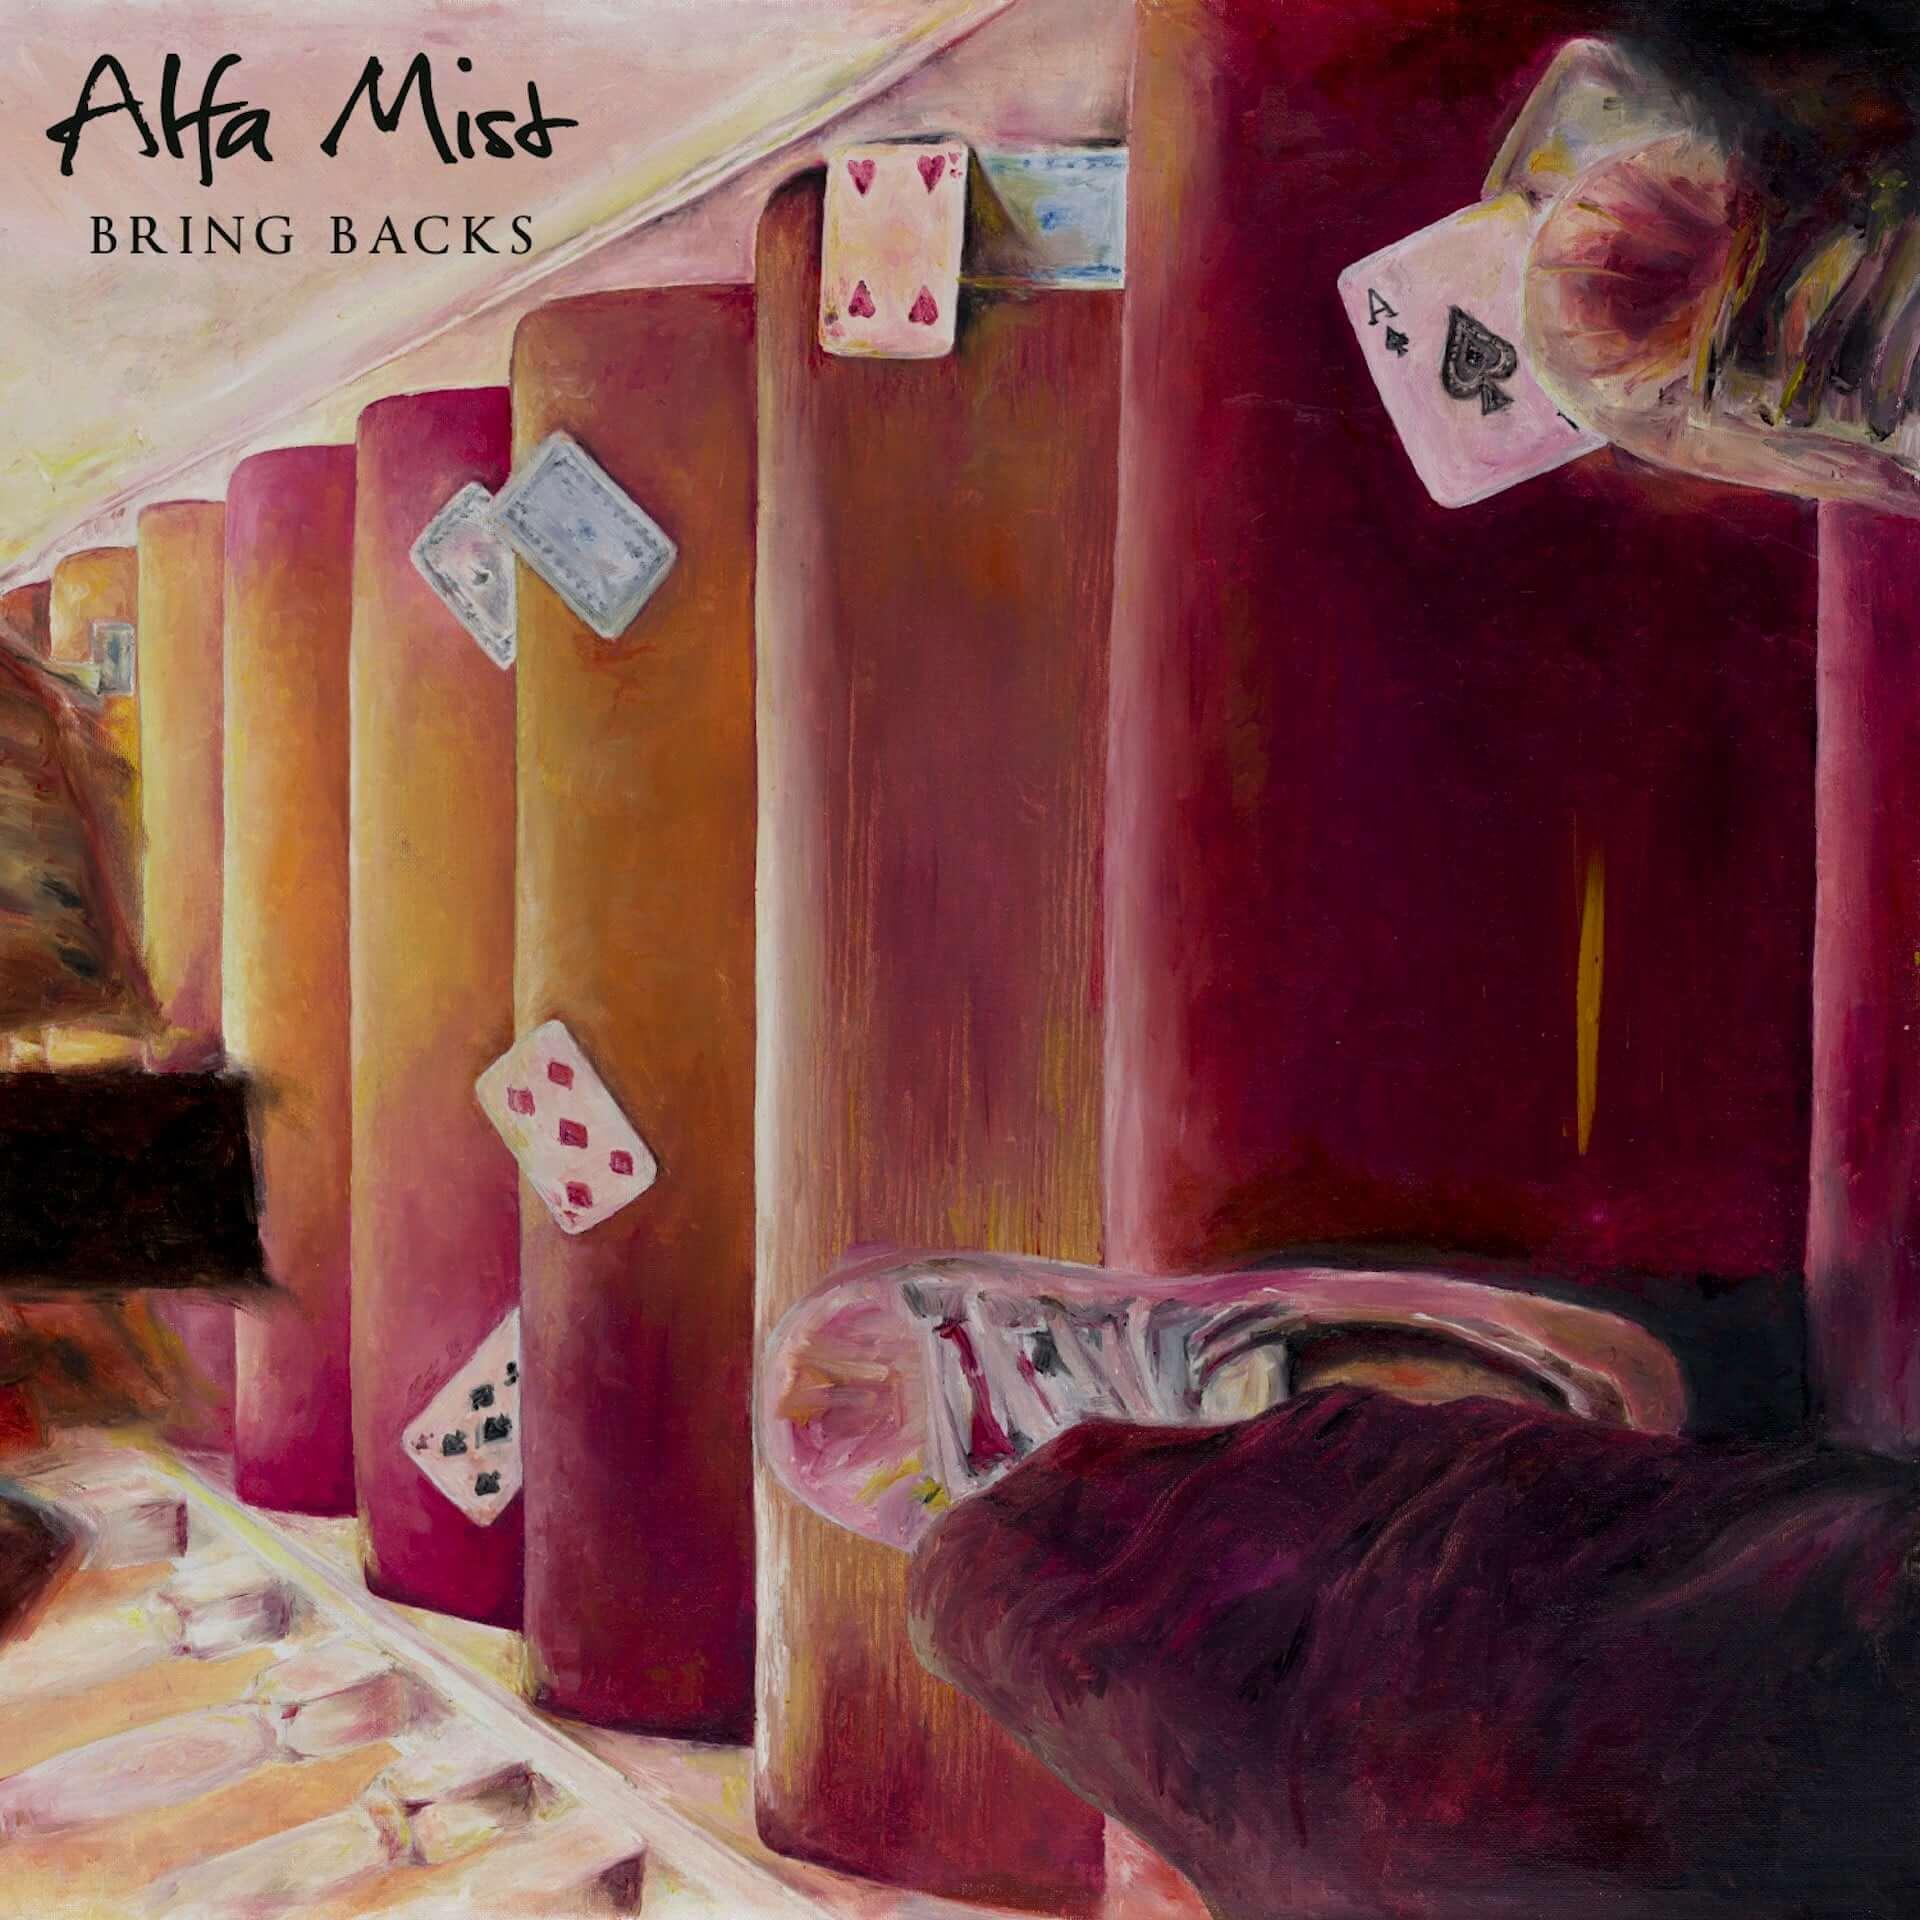 """Alfa Mistの新アルバム『Bring Backs』が〈ANTI-〉よりリリース決定!ニューシングル""""Run Outs""""と本人コメントも公開 music210120_alfamist_2-1920x1920"""